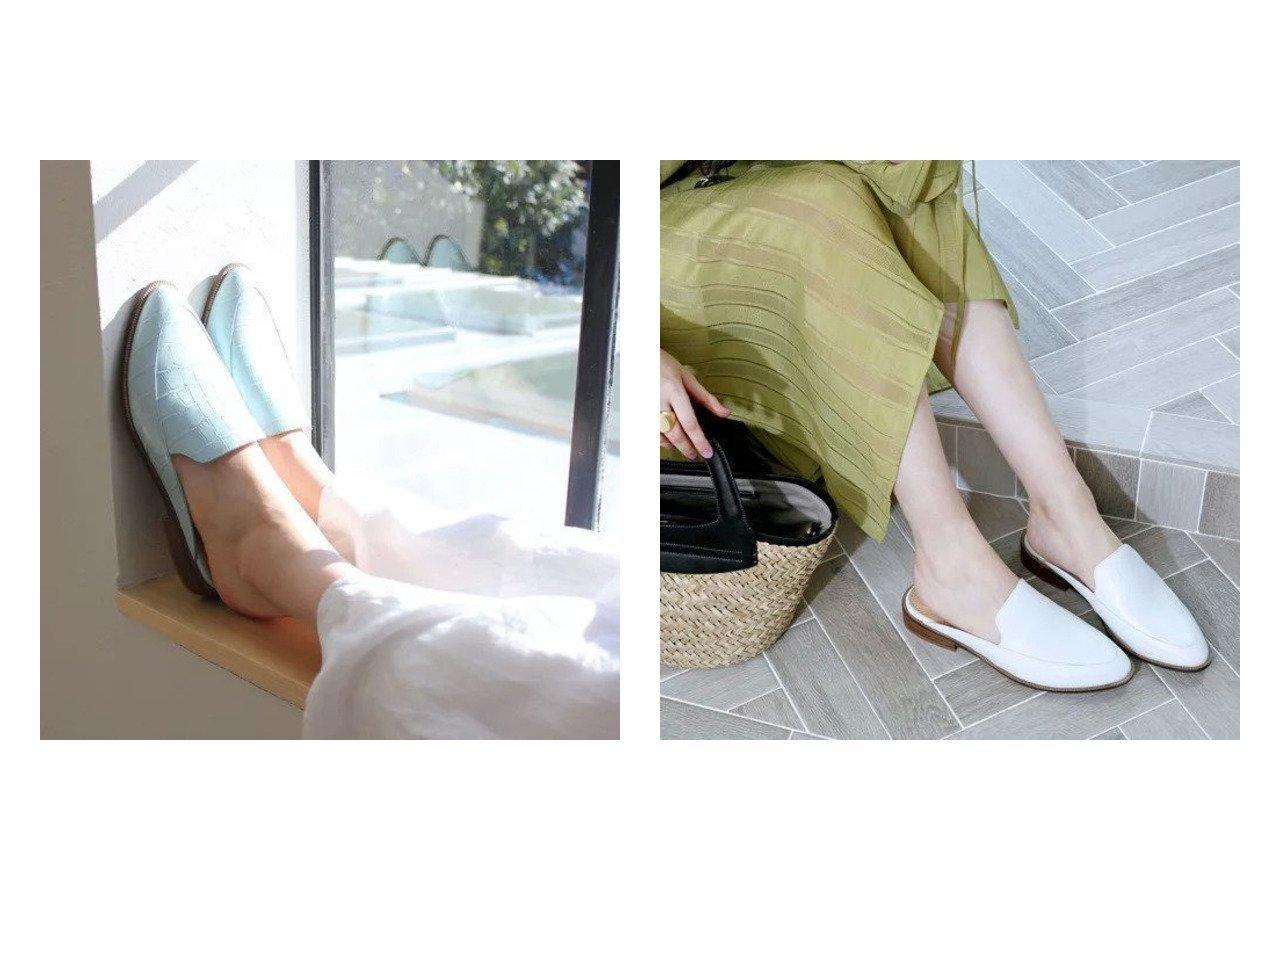 【enchanted/エンチャンテッド】の本革モカスリッパミュールシューズ シューズ・靴のおすすめ!人気、トレンド・レディースファッションの通販 おすすめで人気の流行・トレンド、ファッションの通販商品 メンズファッション・キッズファッション・インテリア・家具・レディースファッション・服の通販 founy(ファニー) https://founy.com/ ファッション Fashion レディースファッション WOMEN シューズ スリッパ ソックス タイツ フォルム ミュール 今季 春 Spring 秋 Autumn/Fall |ID:crp329100000023370